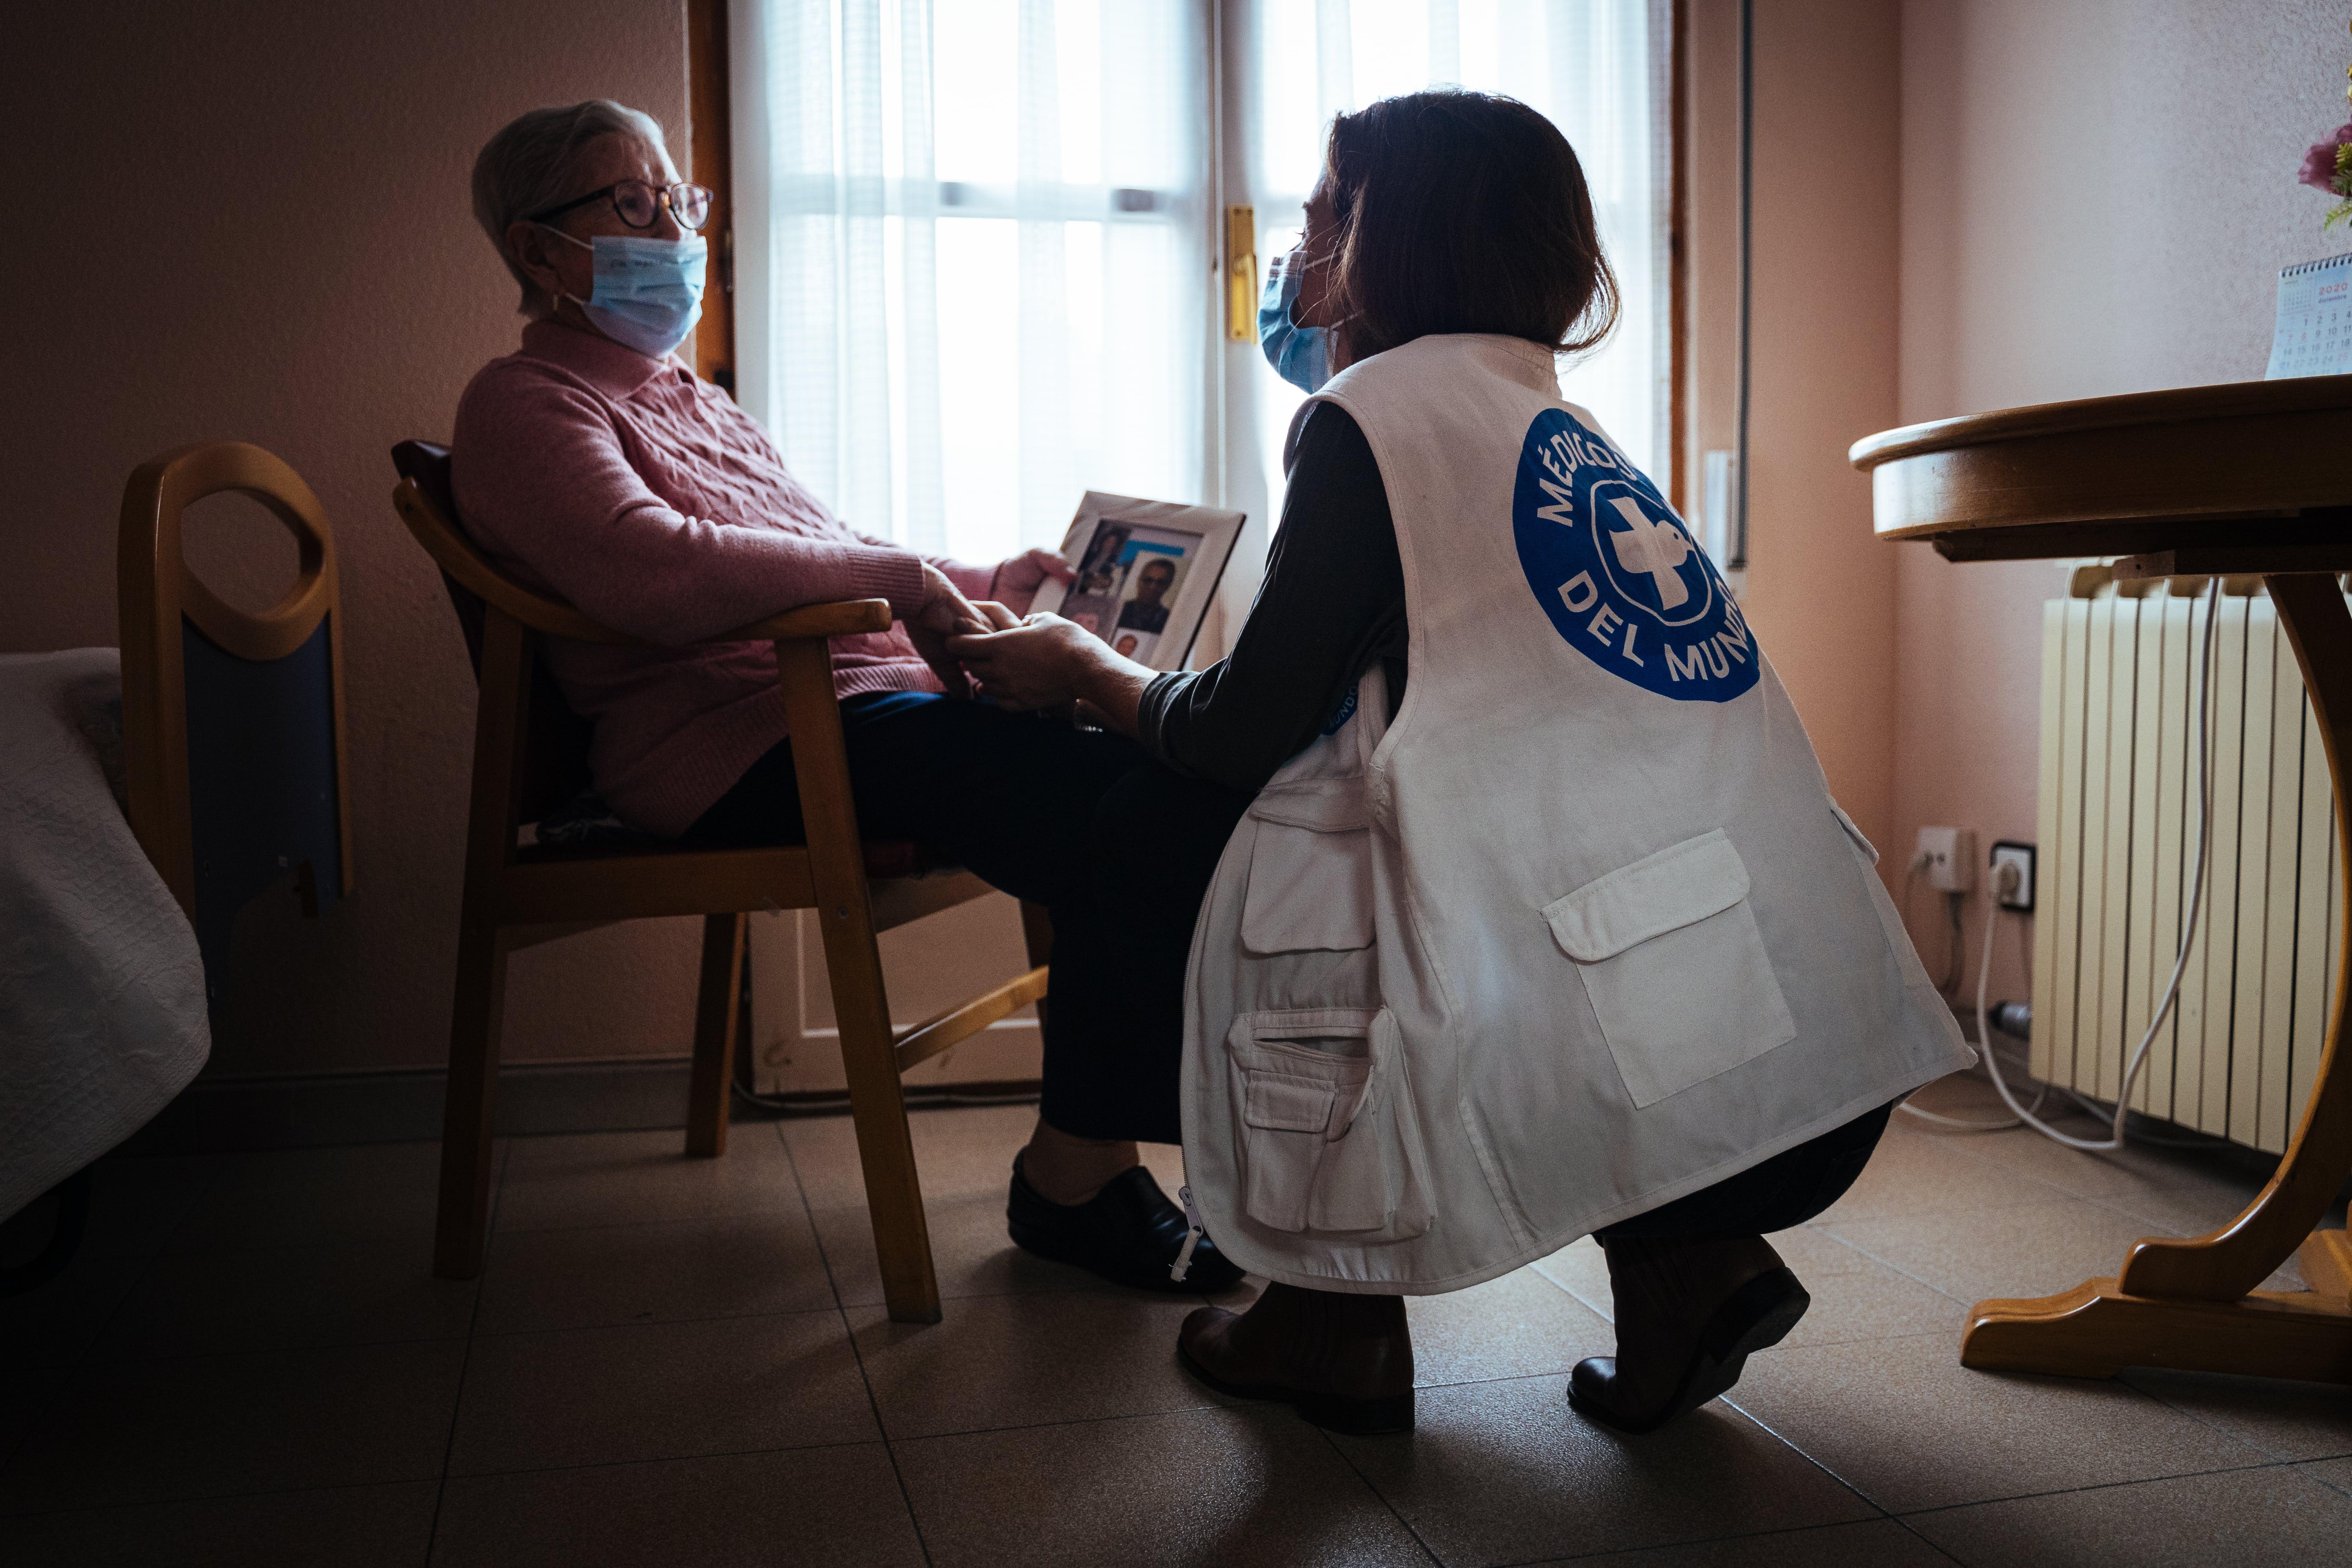 María y Alba, del equipo de Comunicación de Médicos del Mundo, en la residencia de mayores. © Ignacio Marín